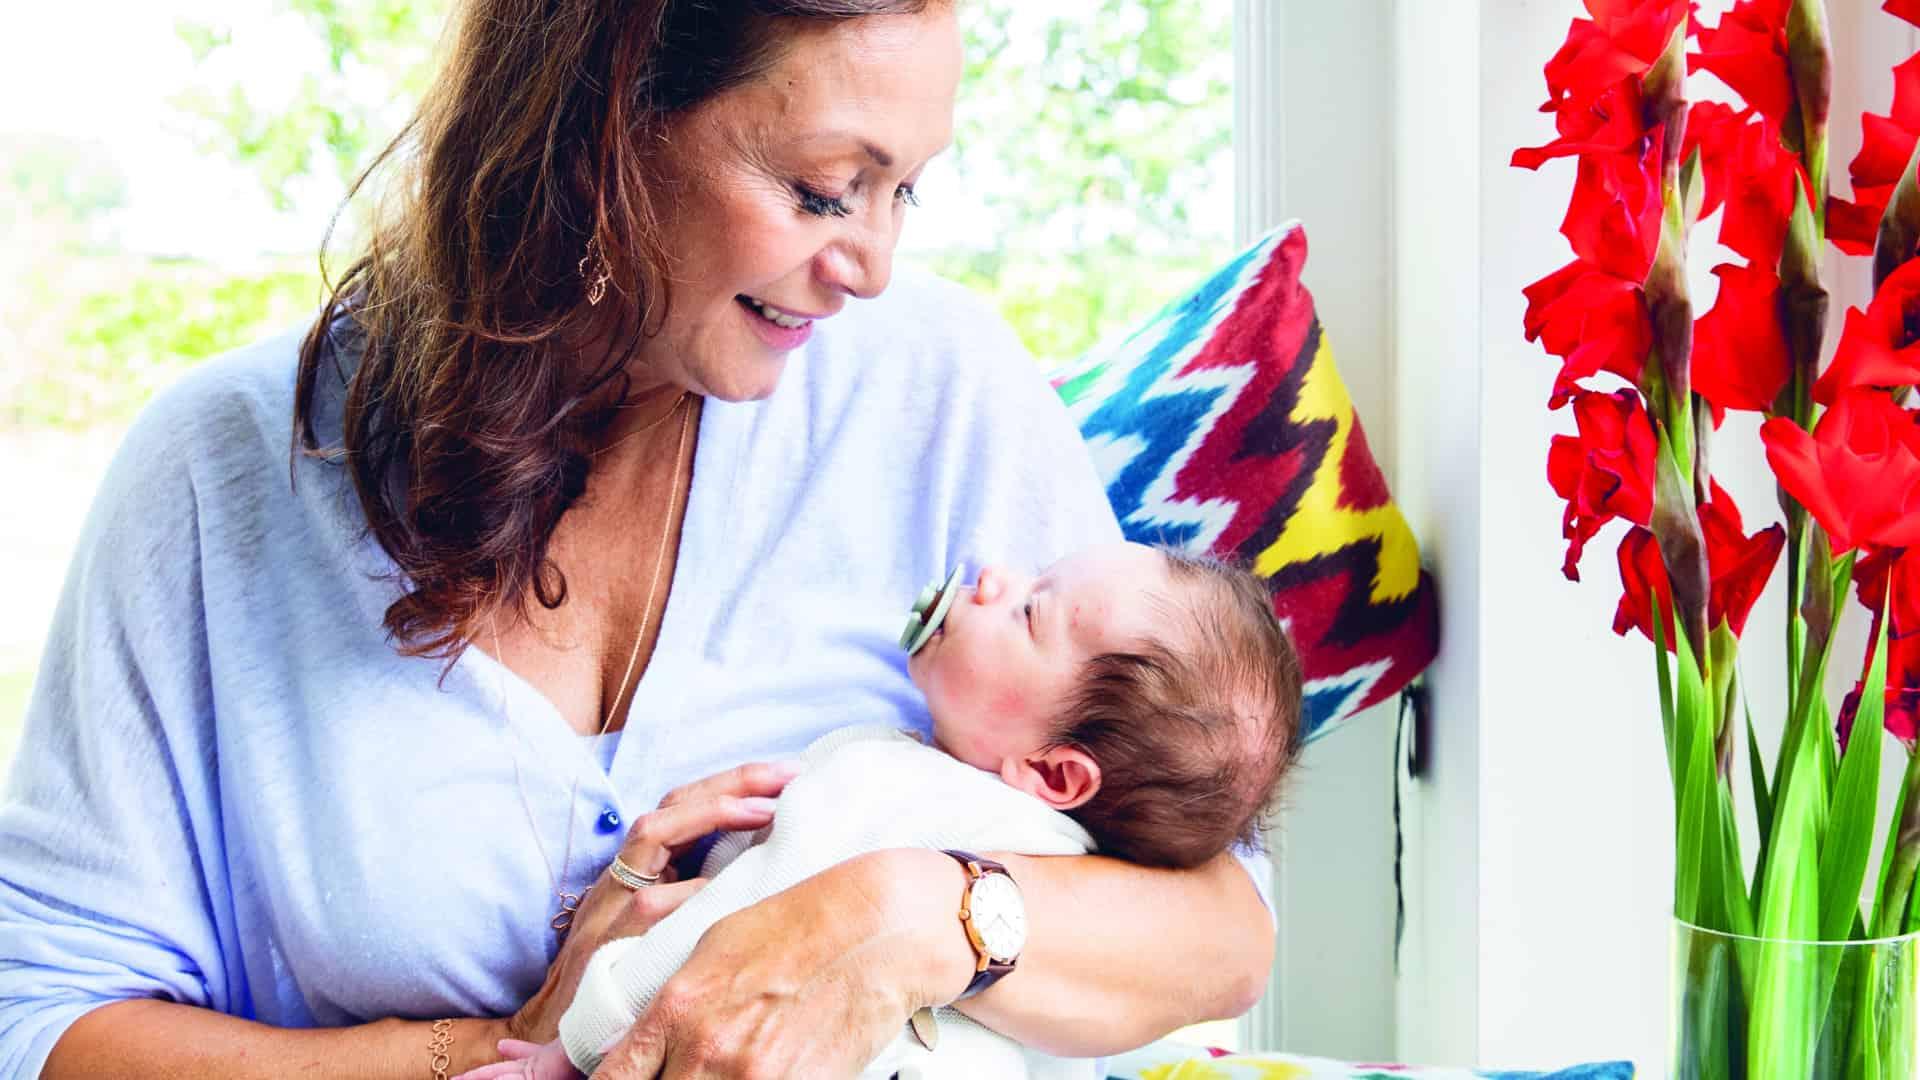 Nana Martine Prenen over haar kleinzoon: 'Ik ga zo vaak mogelijk op bezoek'